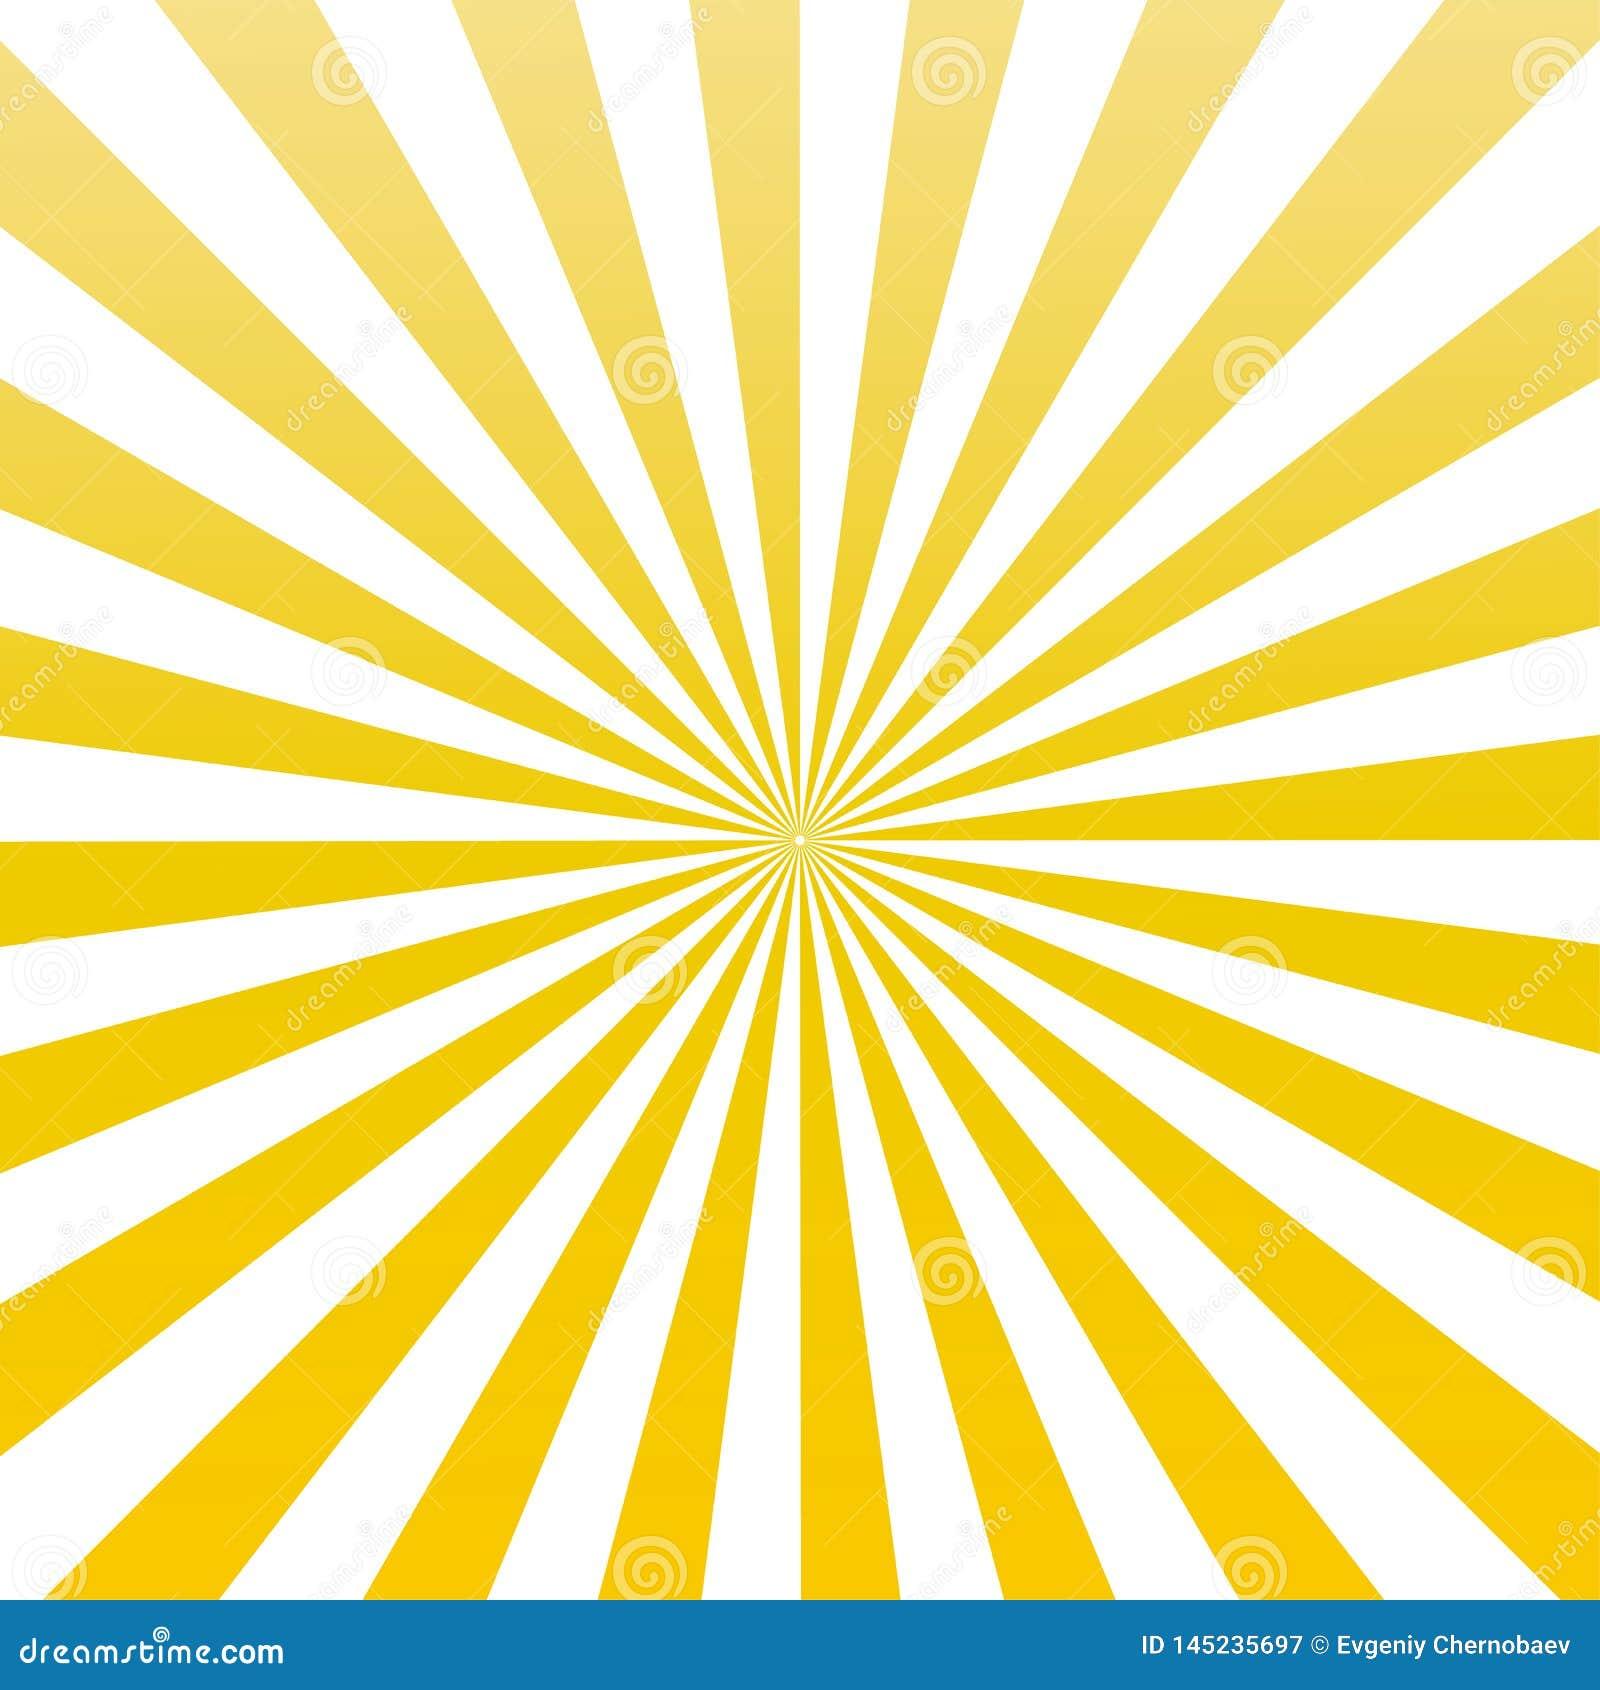 Yellow color sun rays Sunburst Pattern vector eps10. yellow sun rays Sunburst background.